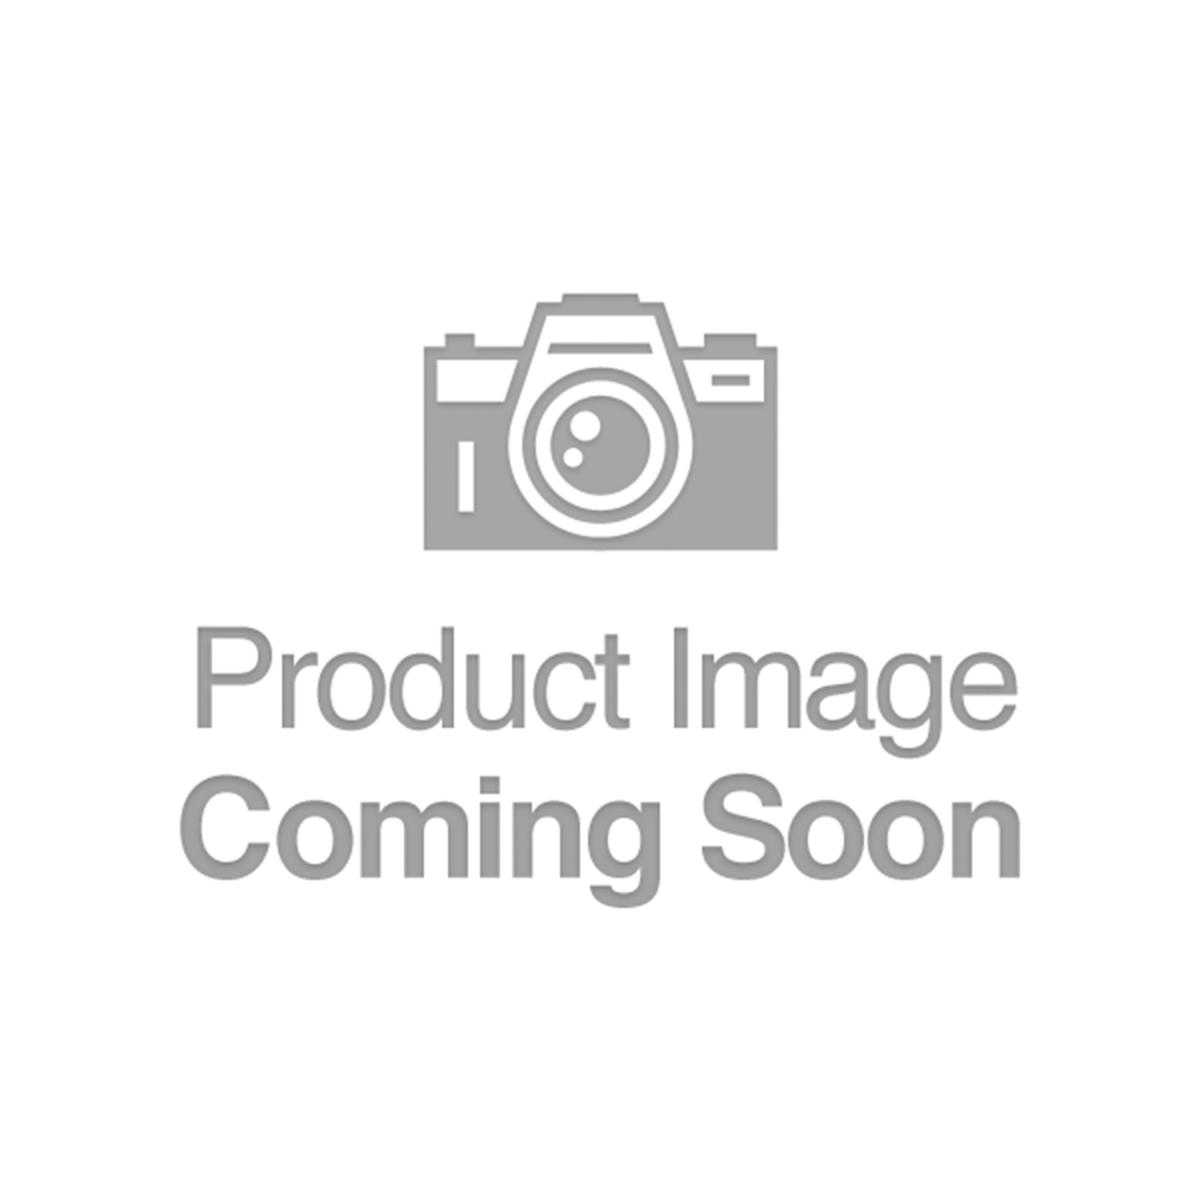 MPC Series 641 25C VG/F